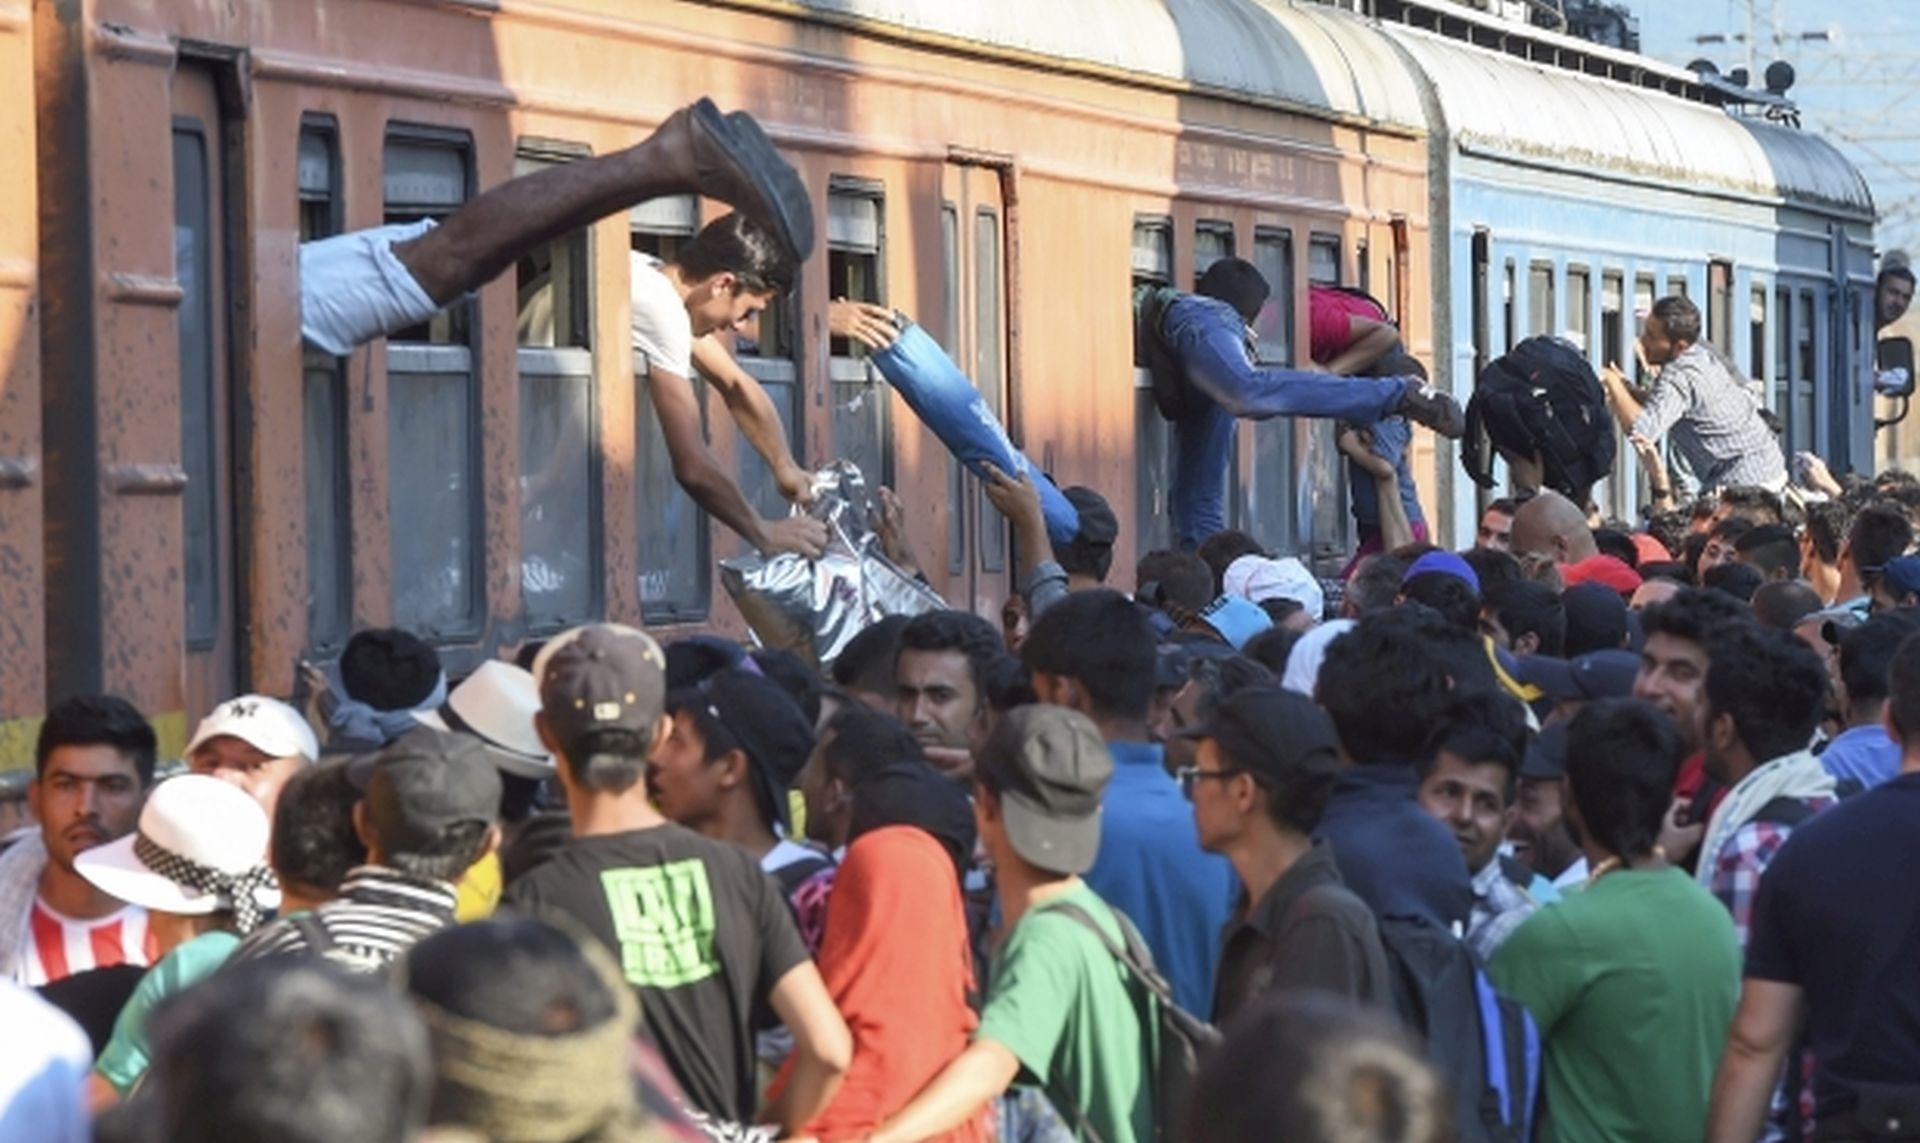 OČAJNI LJUDI Stotine migranata pokušava uskočiti na vlak za EU